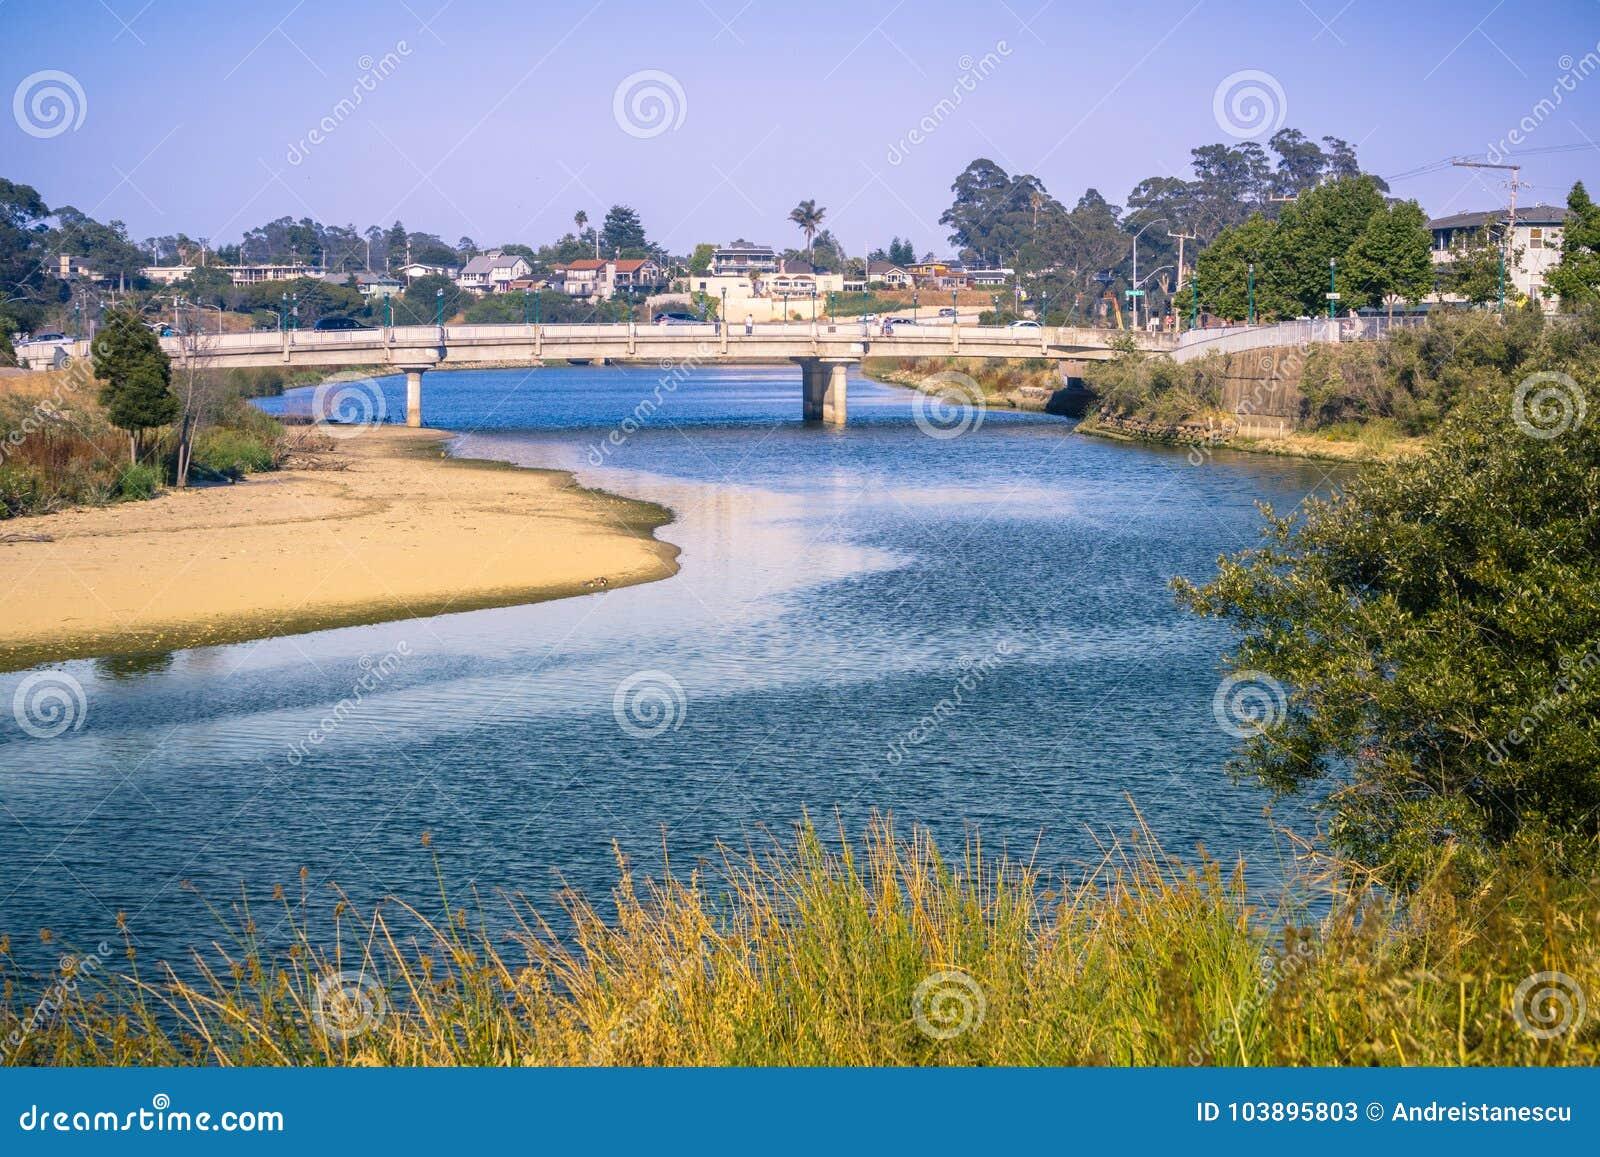 San Lorenzo River dans une lumière de soirée, Santa Cruz, la Californie